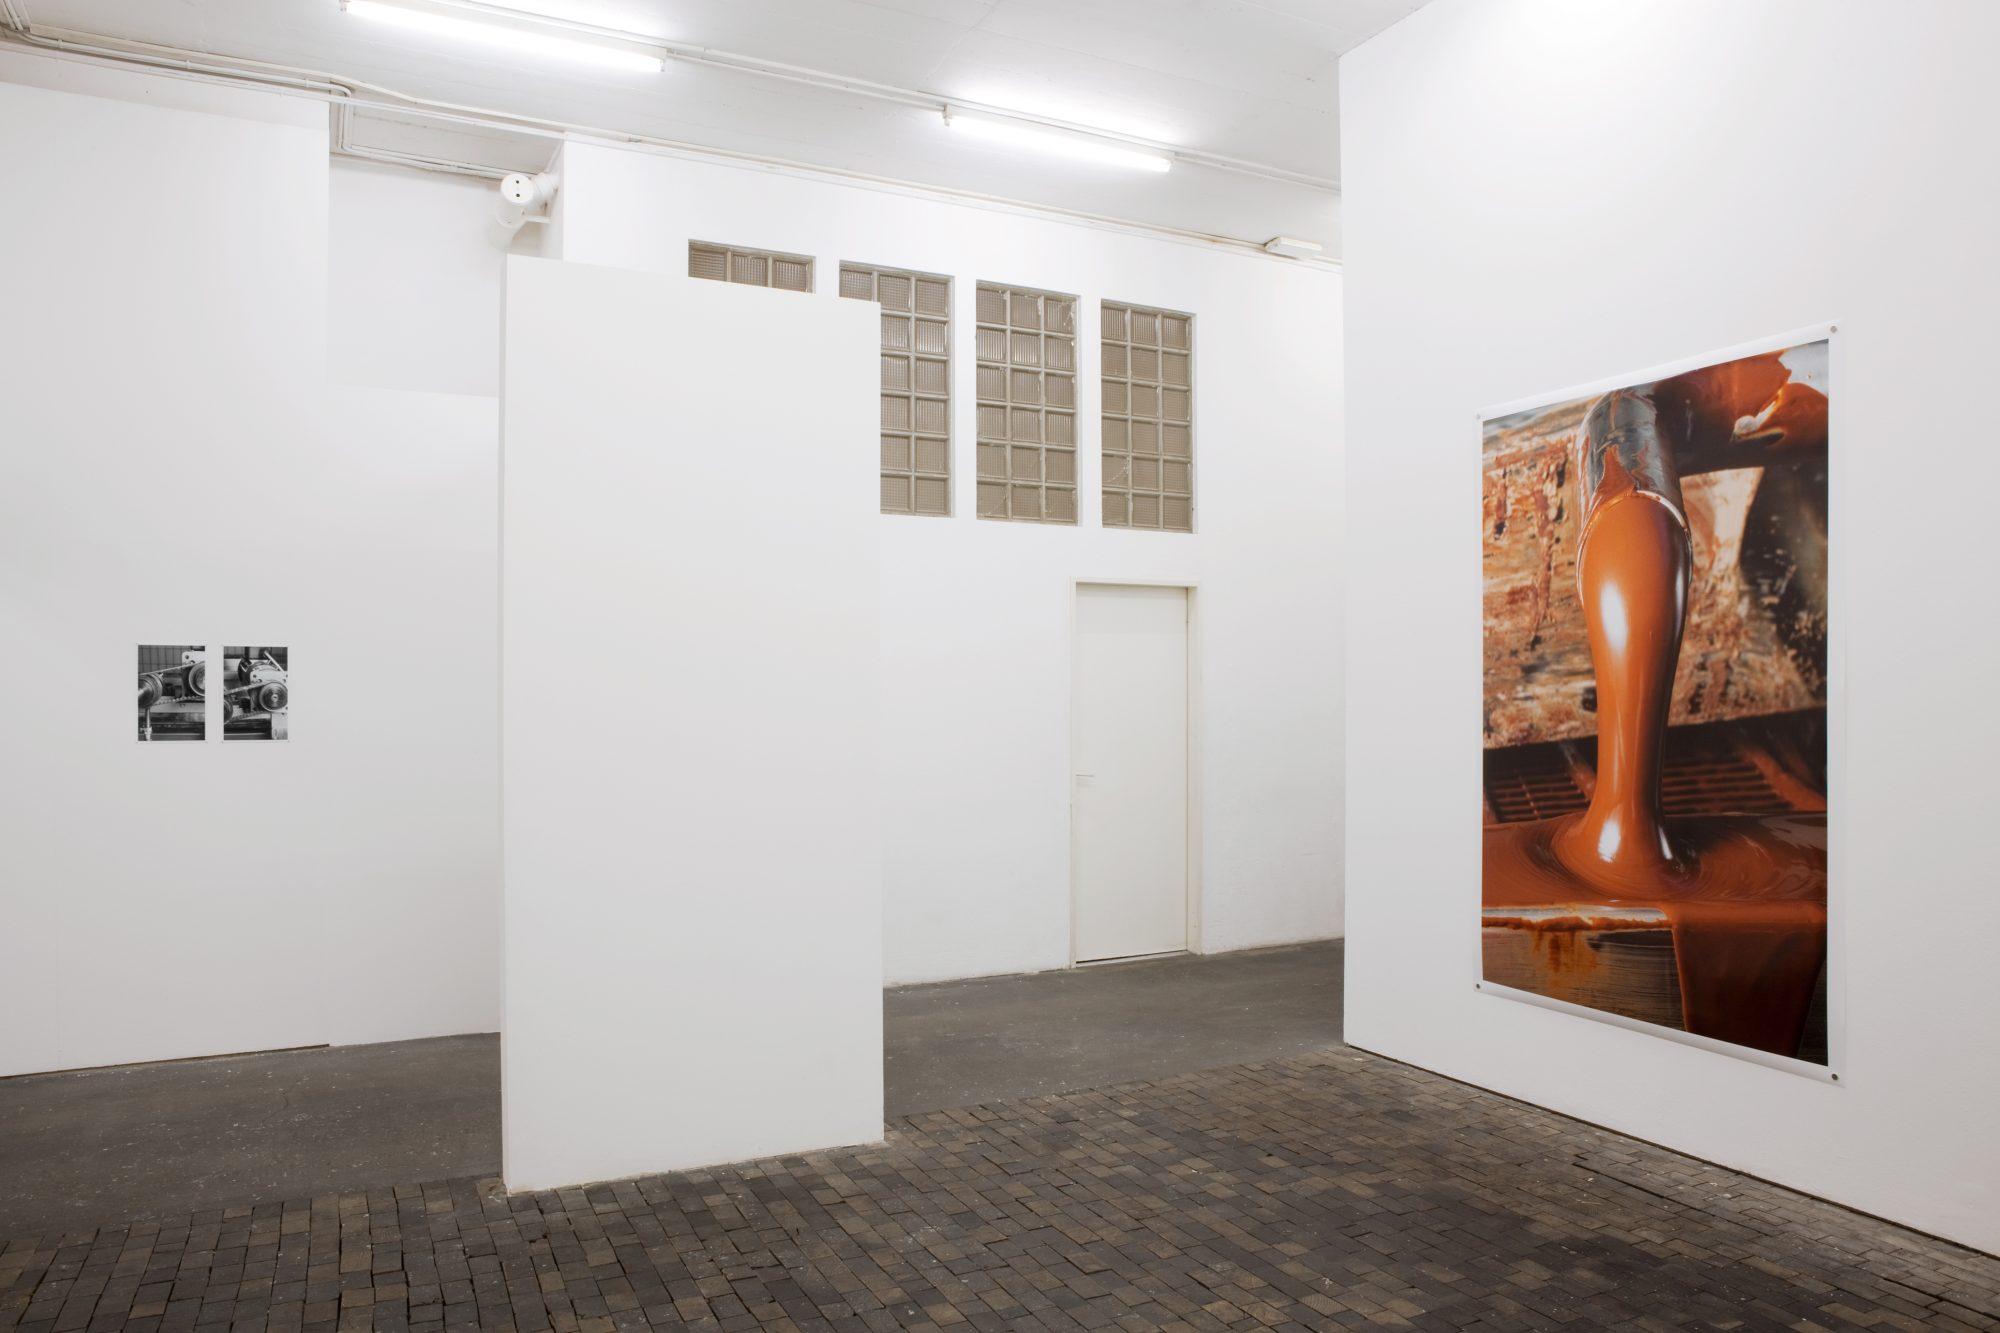 Fétichismarchandise, Centre de la photographie Genève, 2015<br /> archival pigment prints on matte paper, 36 x 24 cm / archival pigment print on glossy paper, 223 x 152 cm